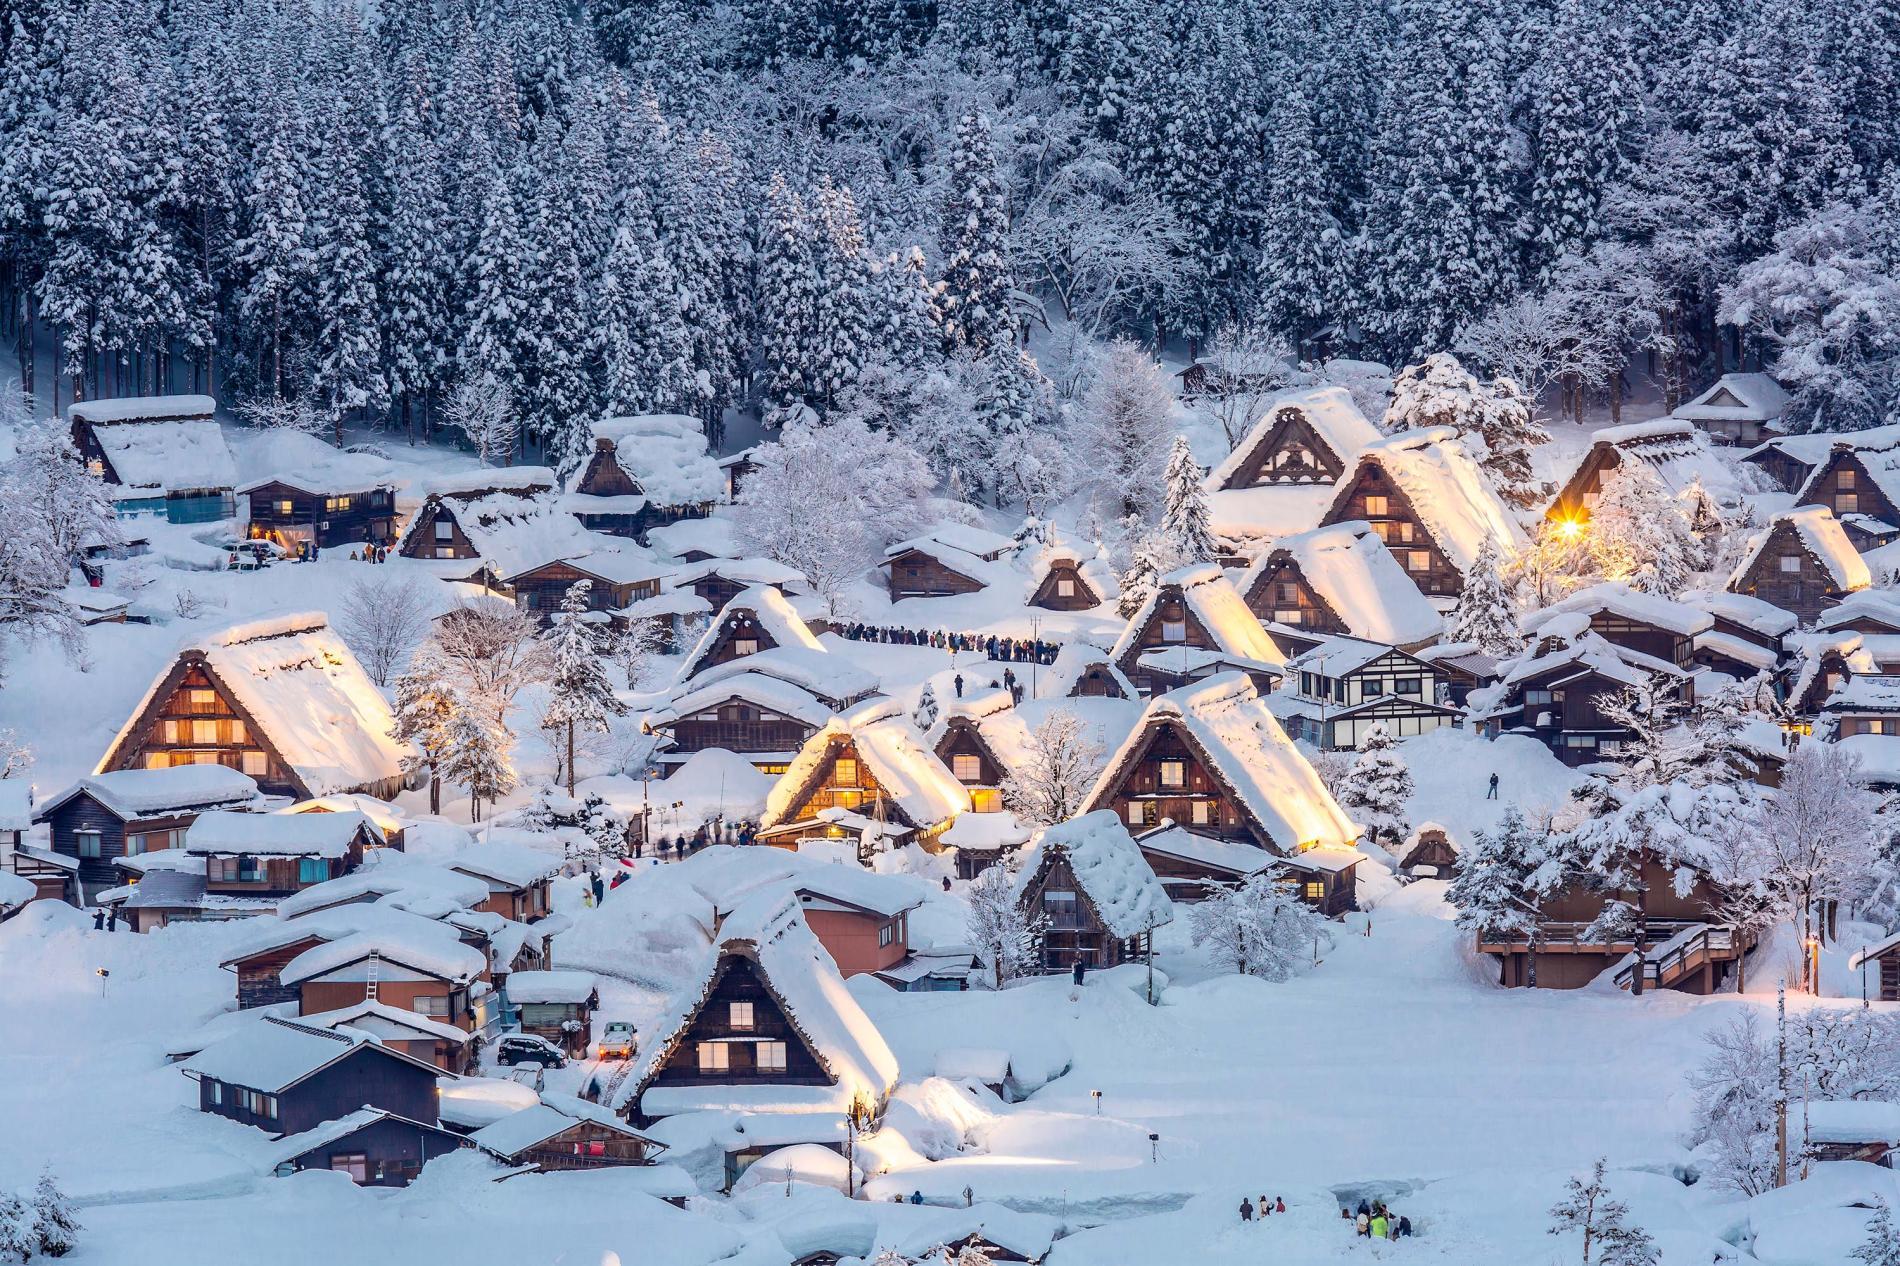 Thị trấn chìm trong mùa đông tuyết phủ